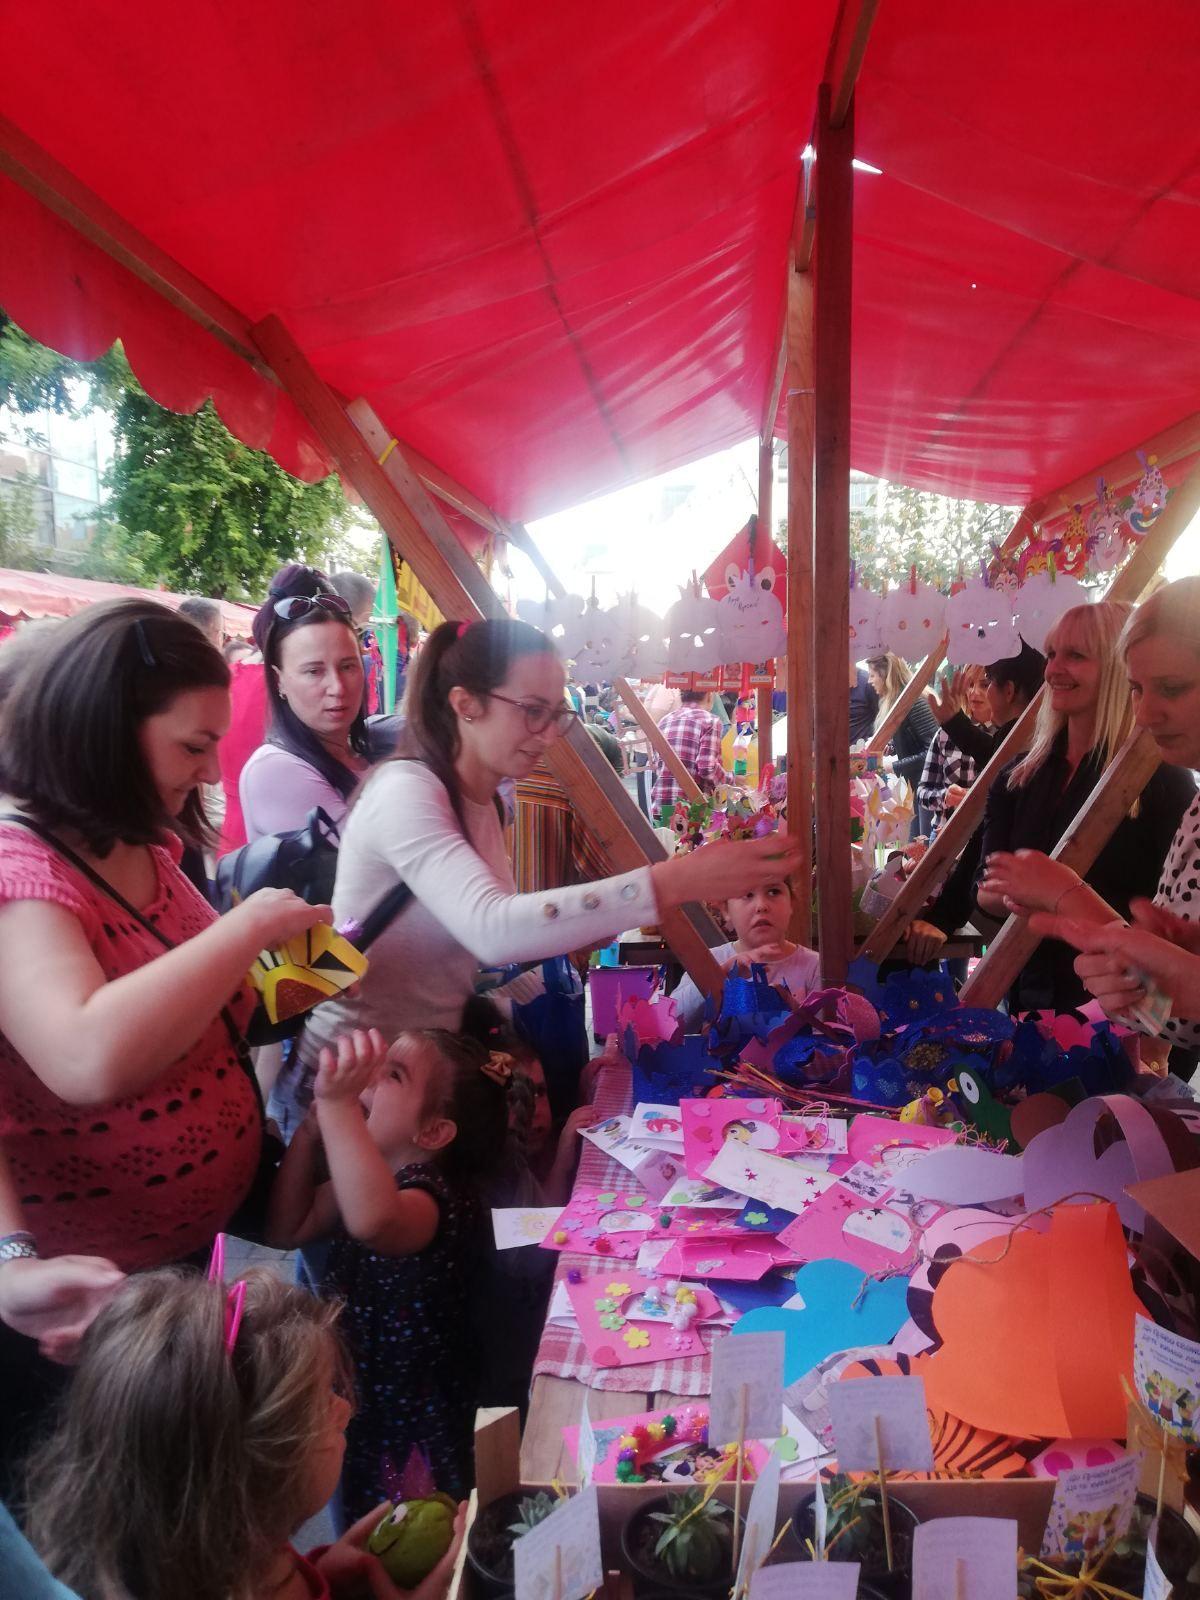 Kupoprodajna izložba u okviru Dečje nedelje